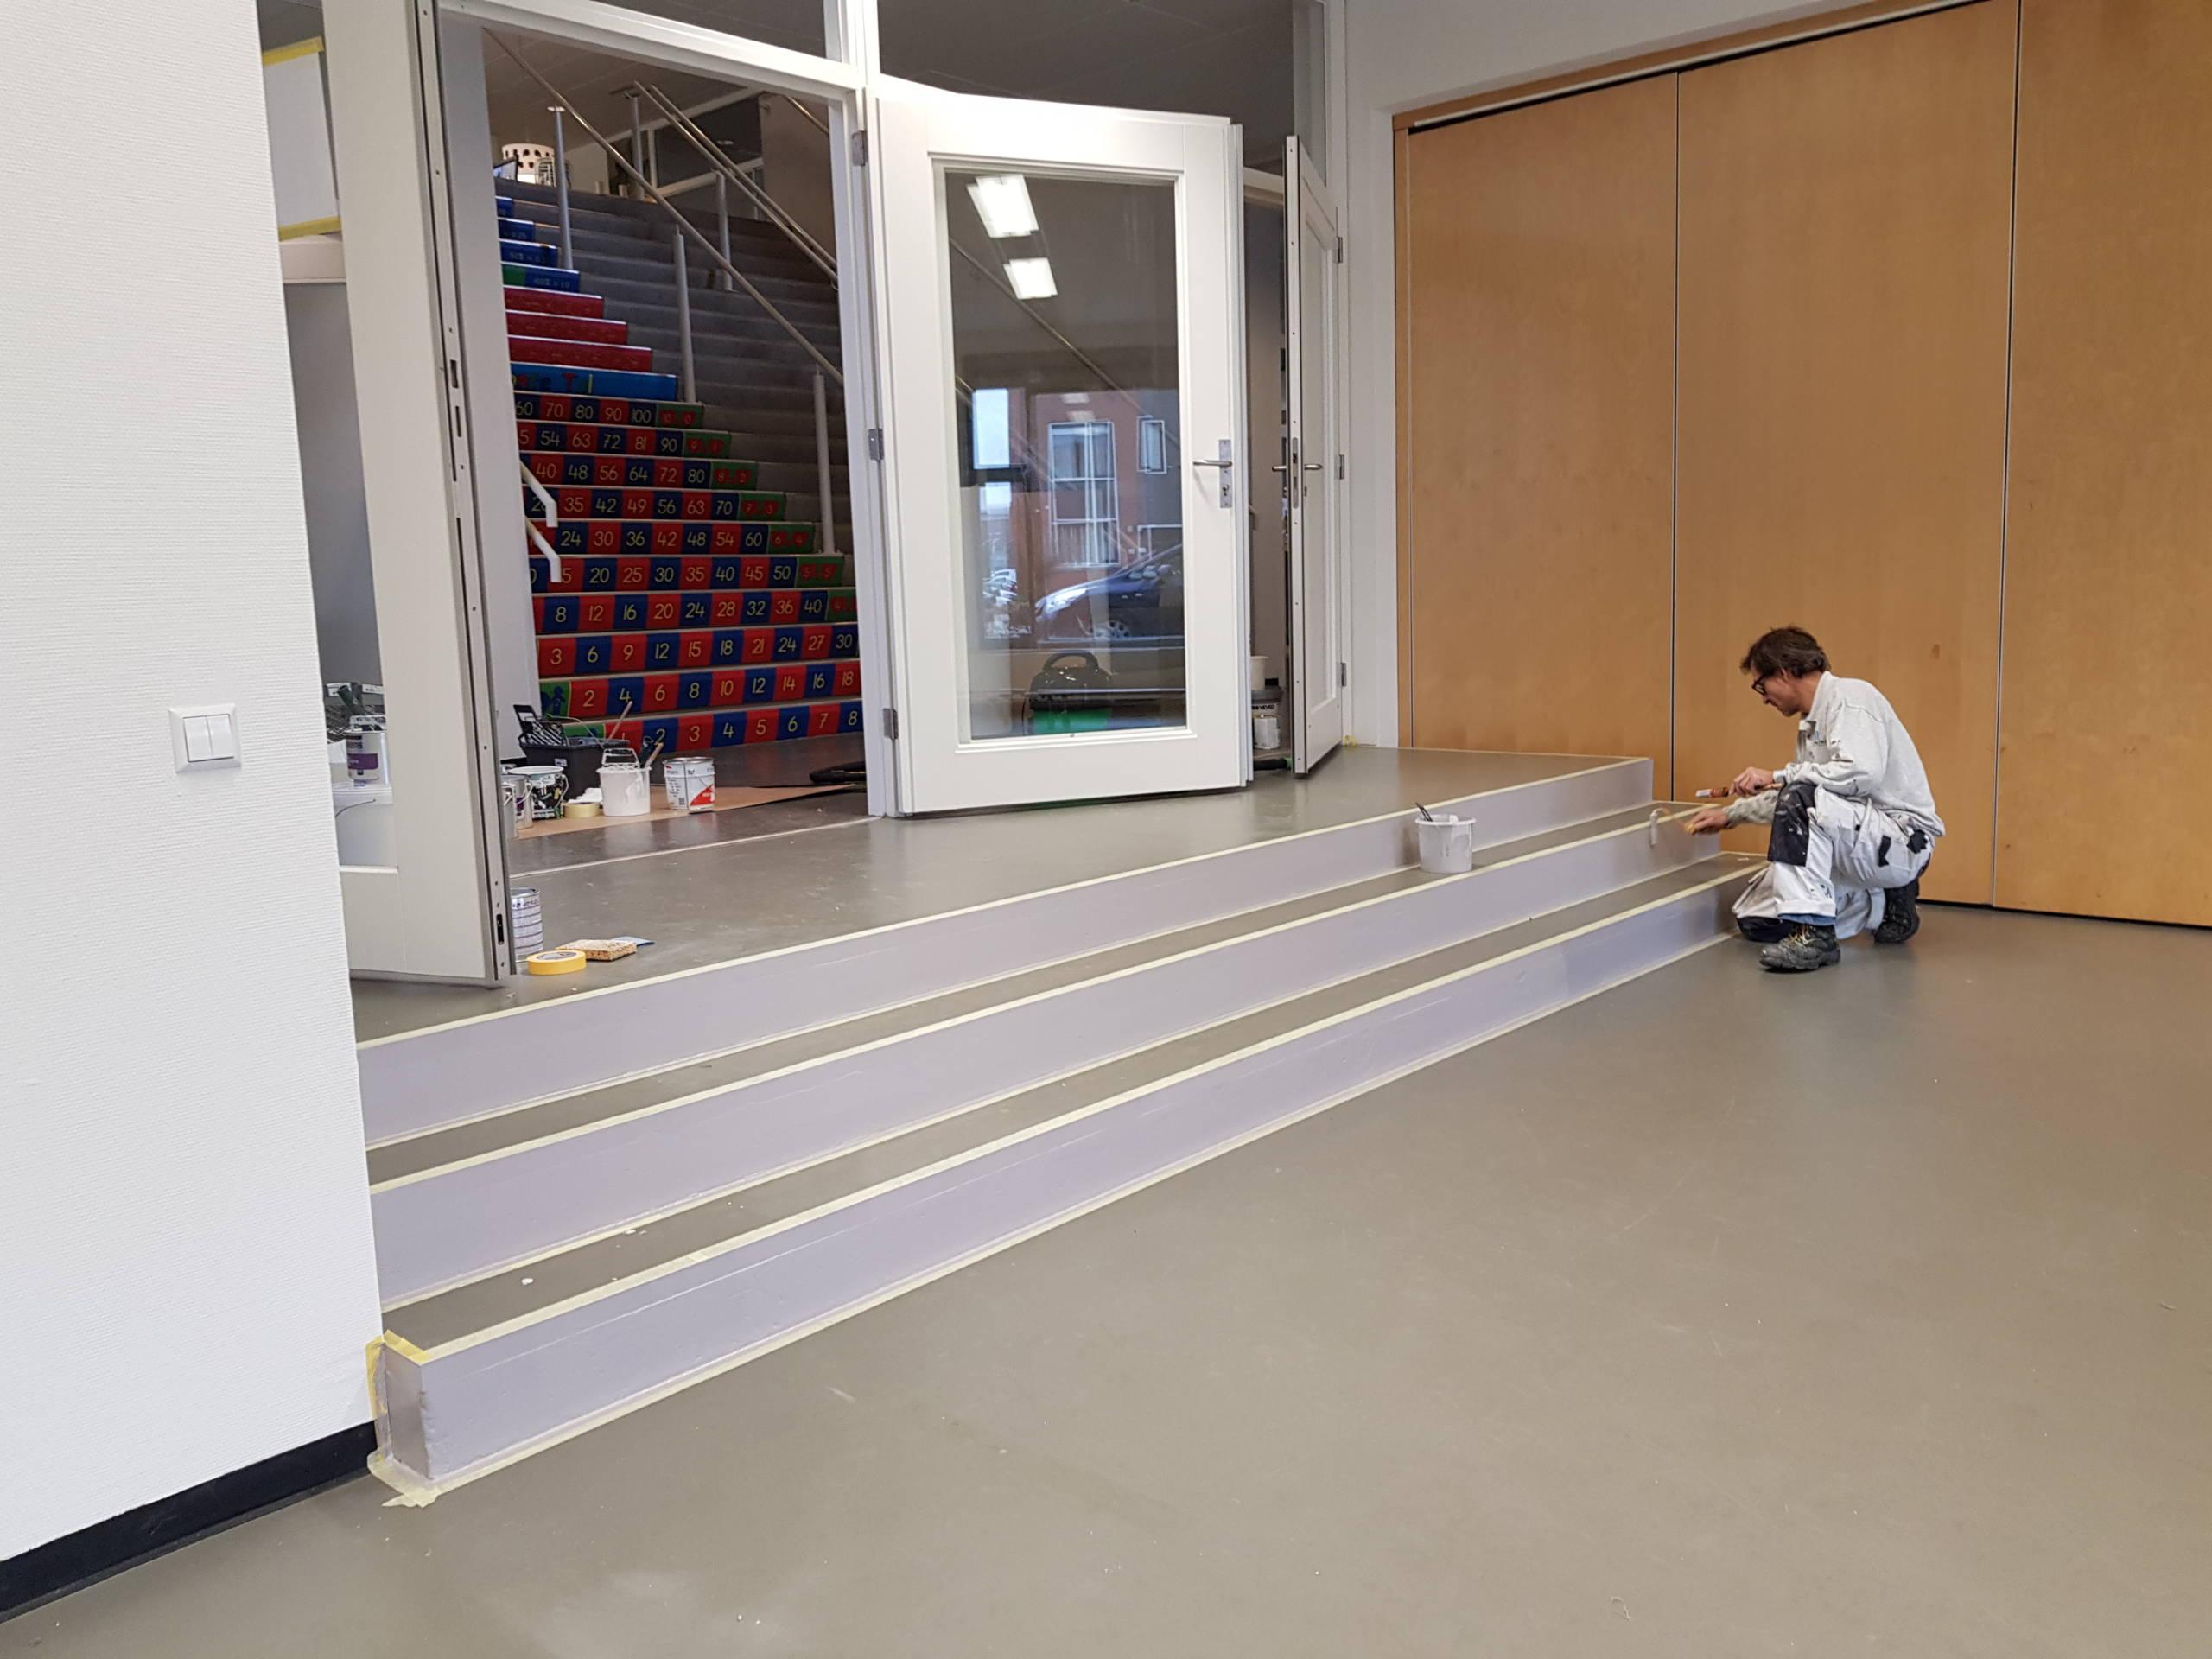 School schilderwerk trap werknemer Weening